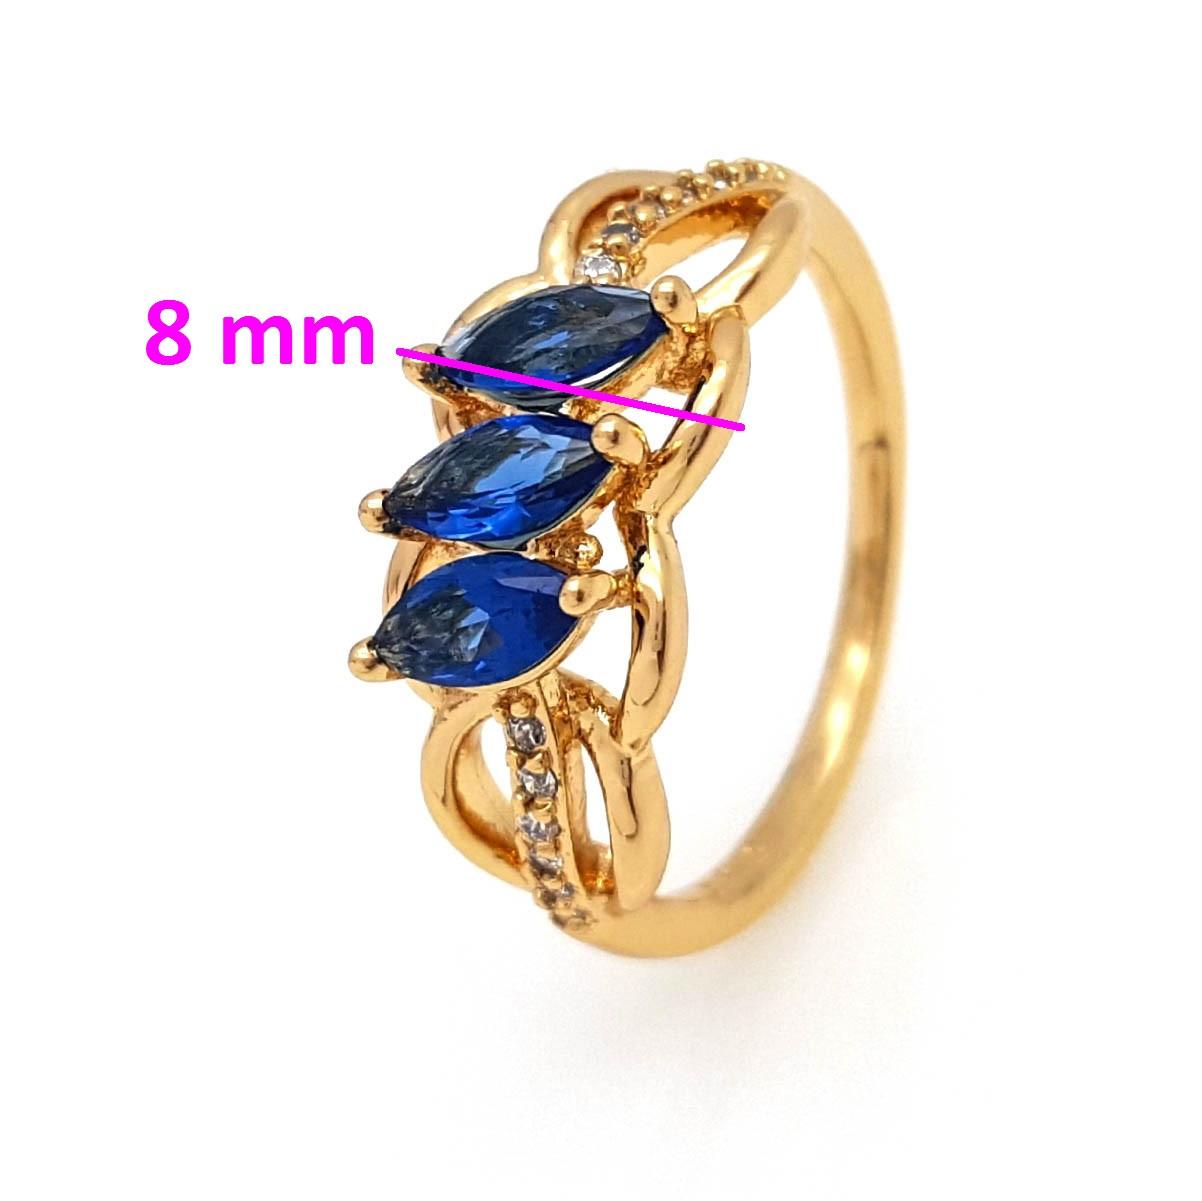 Кольцо Колосок, с миндальным синим цирконием, р.17, р.18, р.18,5, позолота Xuping